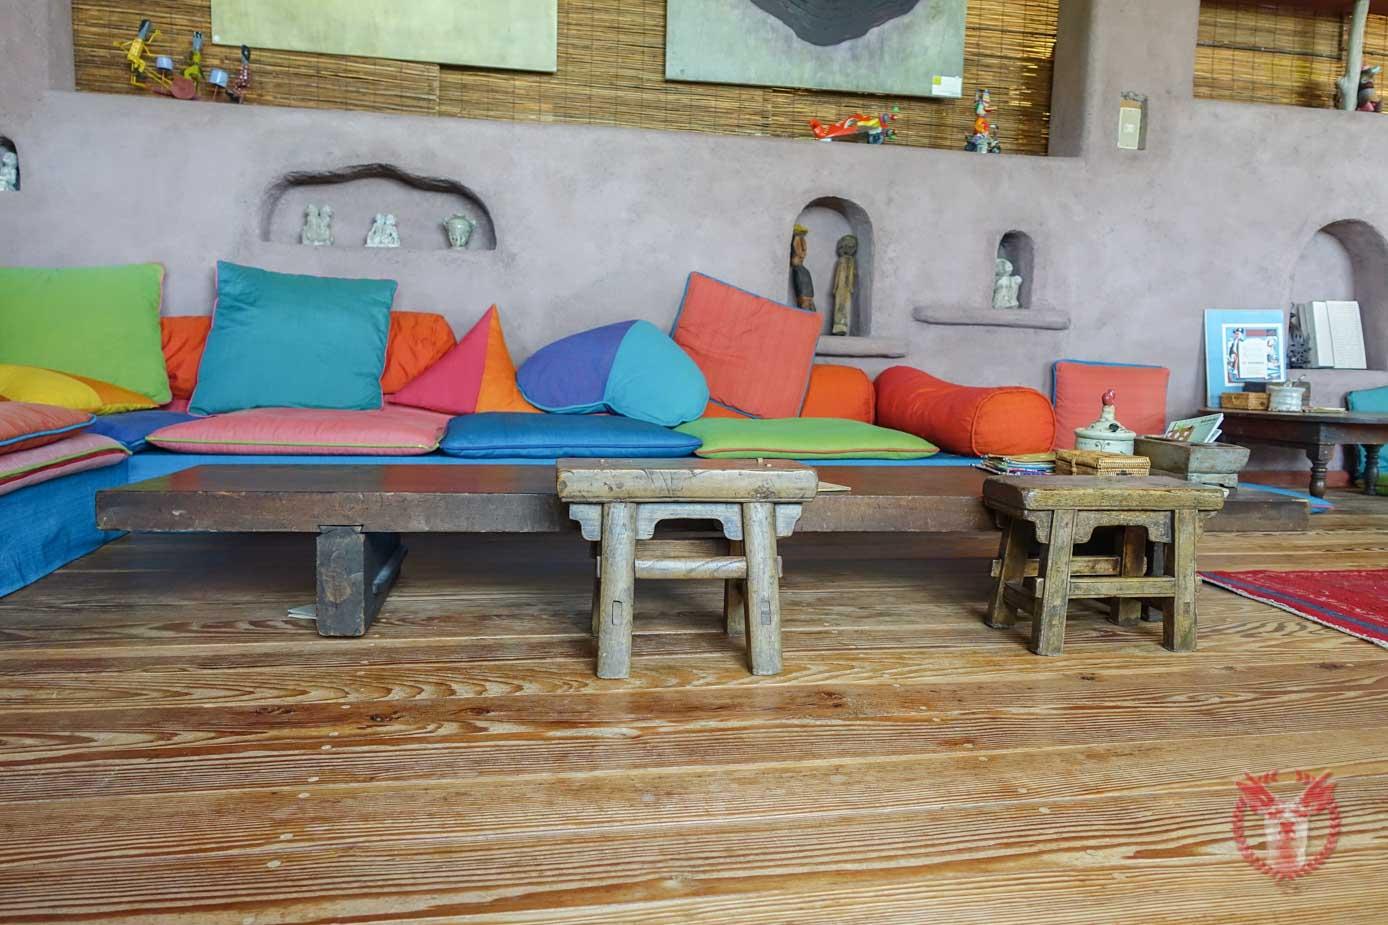 Bennu gallerycafe 4